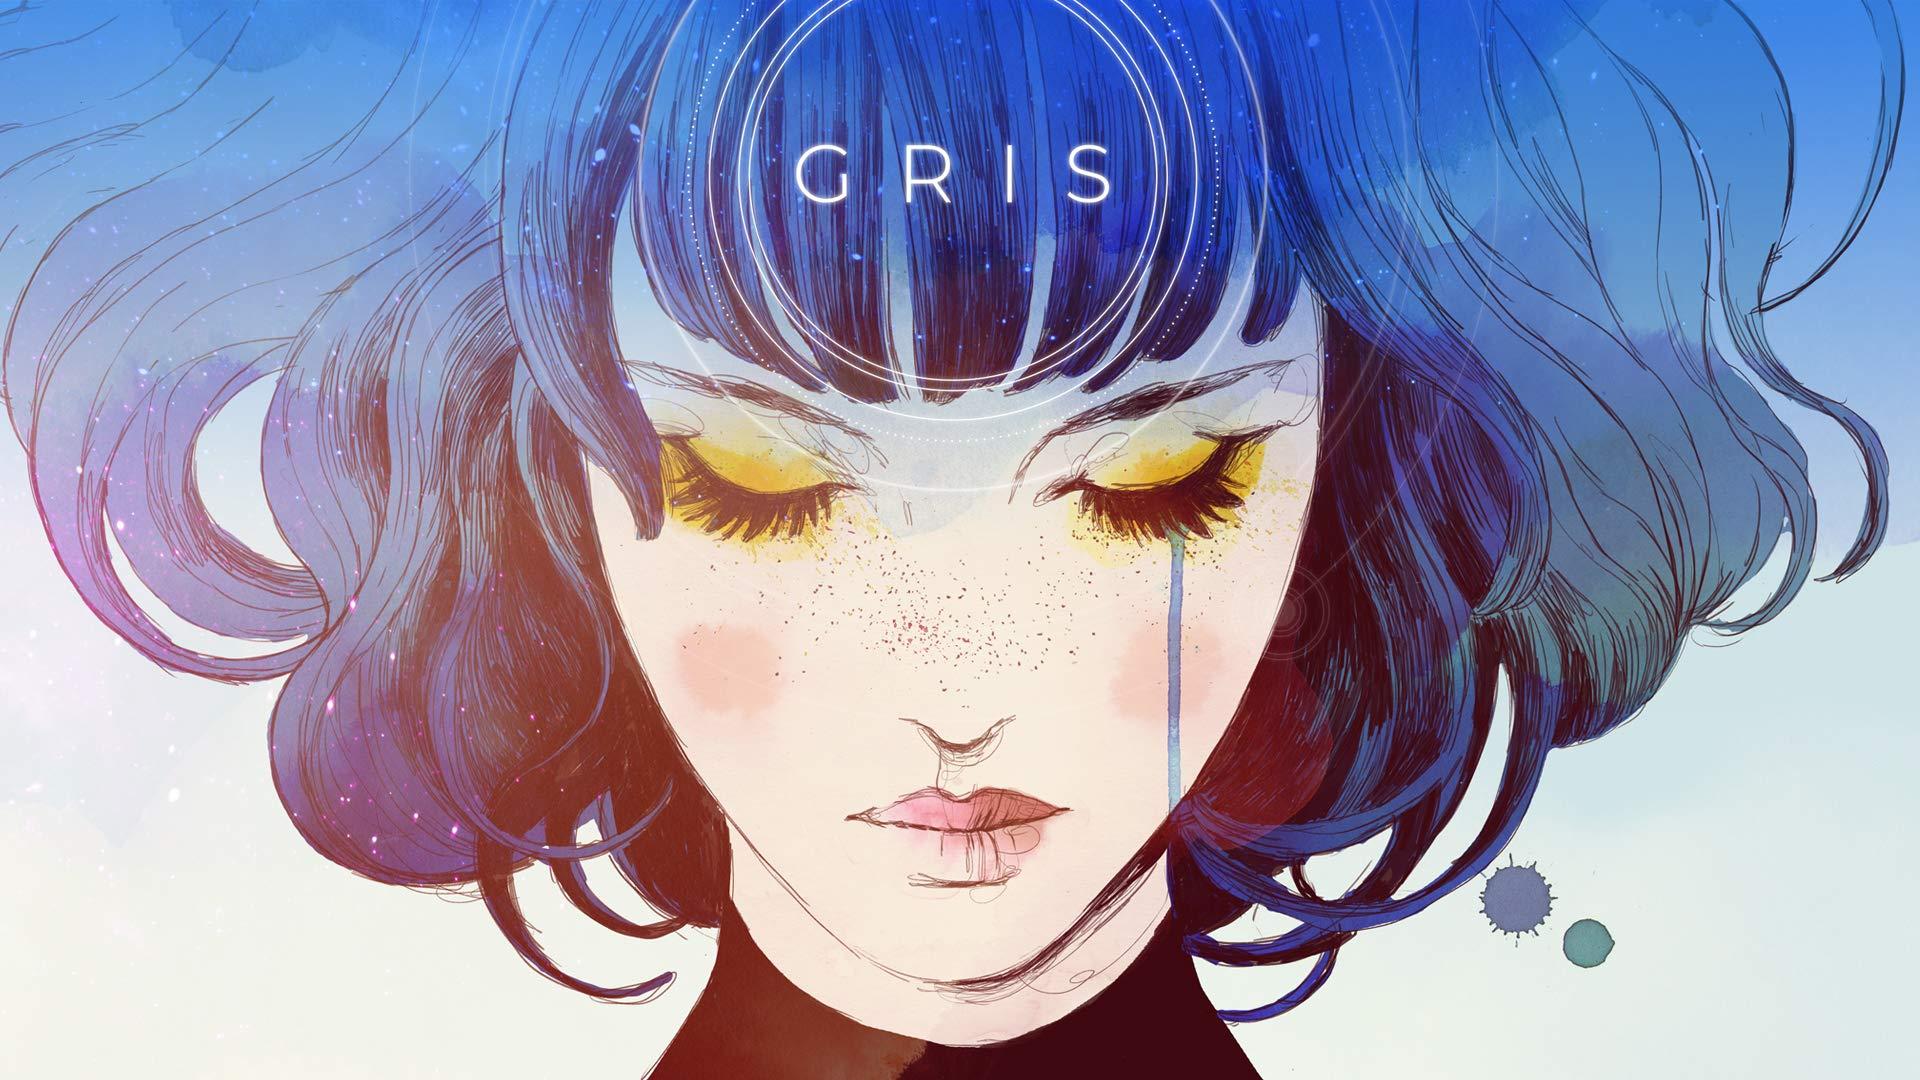 Cartel oficial del videojuego 'Gris'